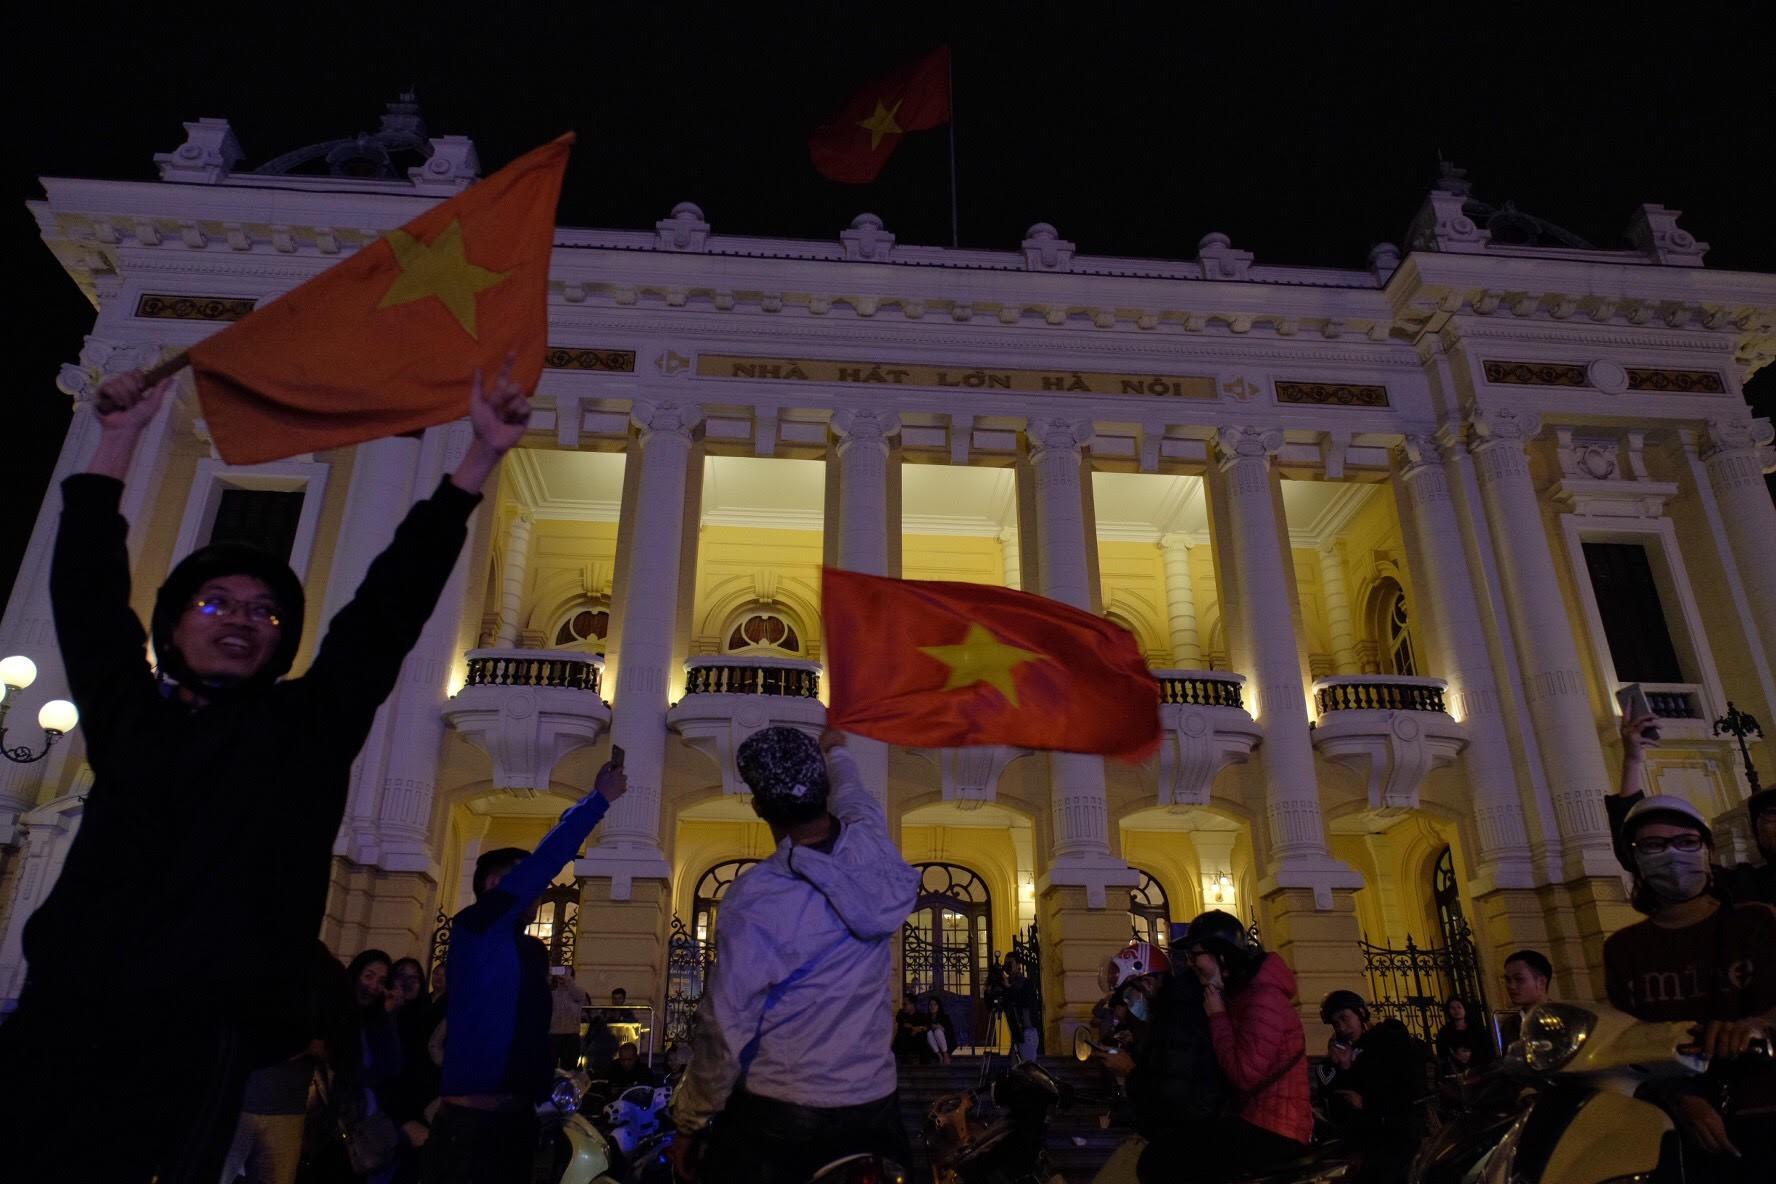 Nhà hát lớn, nơi các fan Việt Nam tập trung từ sớm theo dõi U23 Việt Nam.